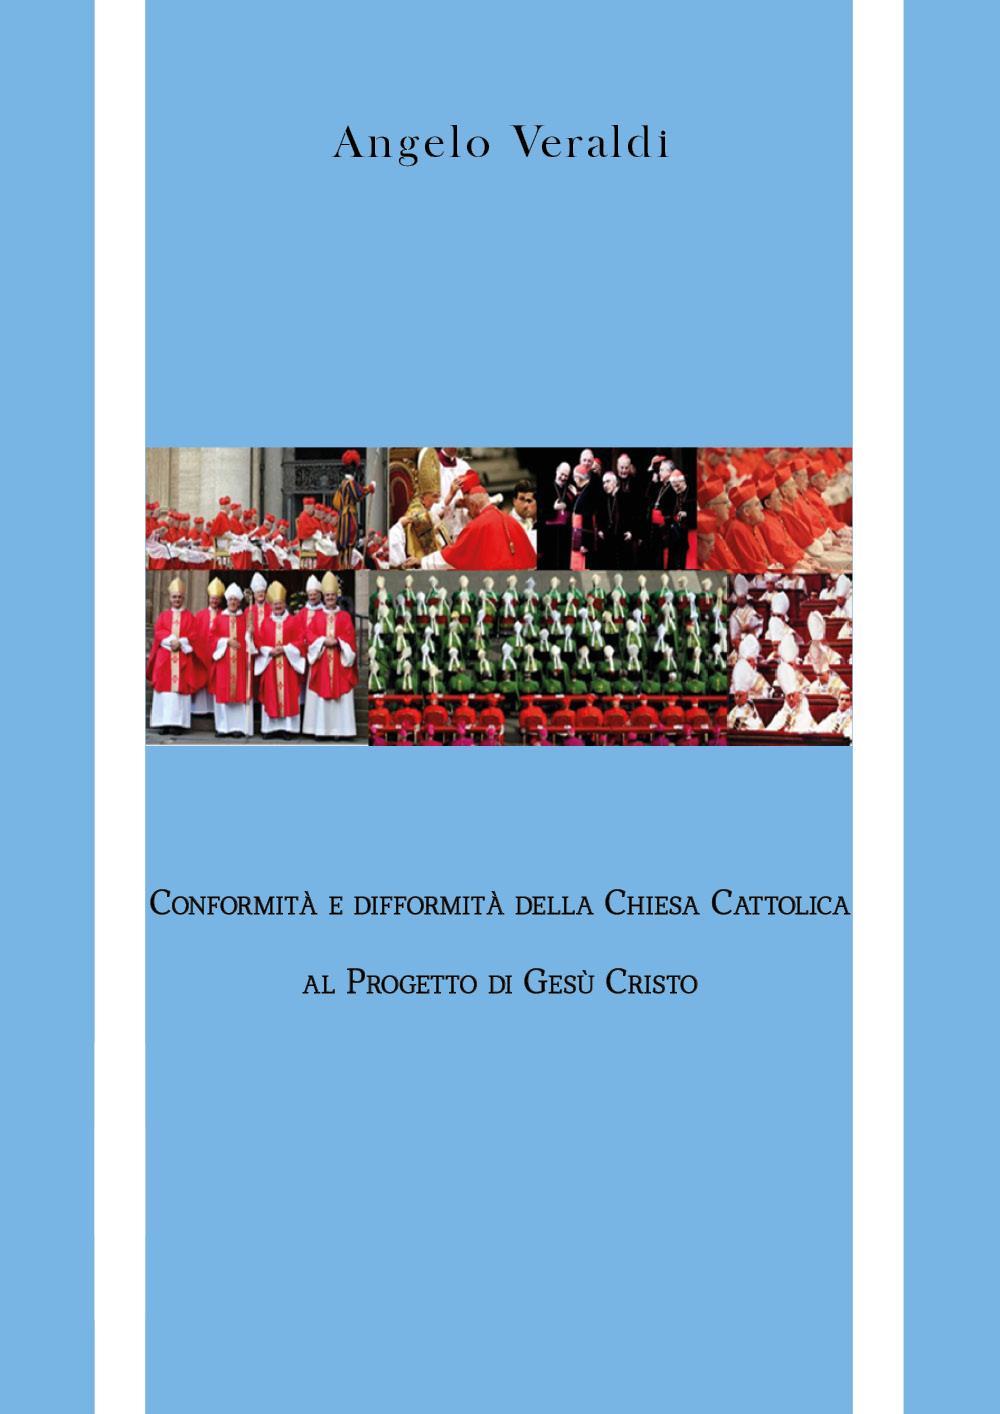 Conformità e difformità della Chiesa Cattolica al Progetto di Gesù Cristo